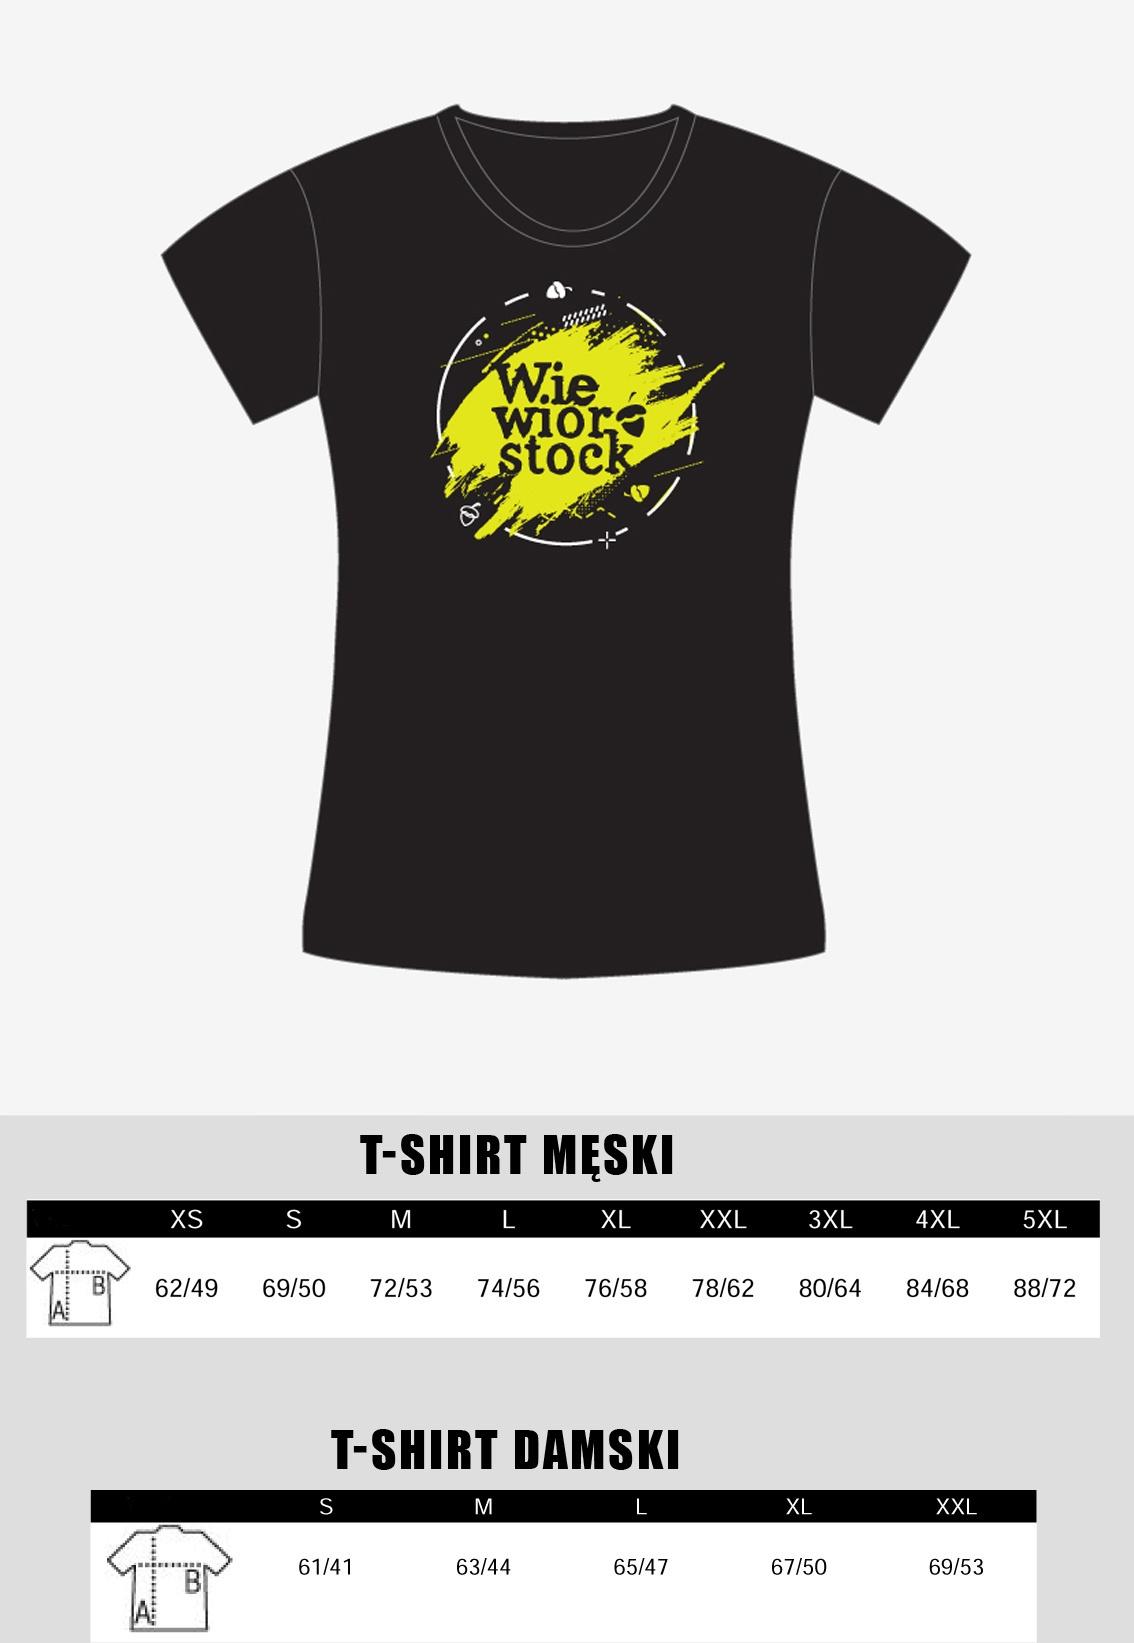 Wiewiórstockowy T-shirt wzór drugi :) Damski L